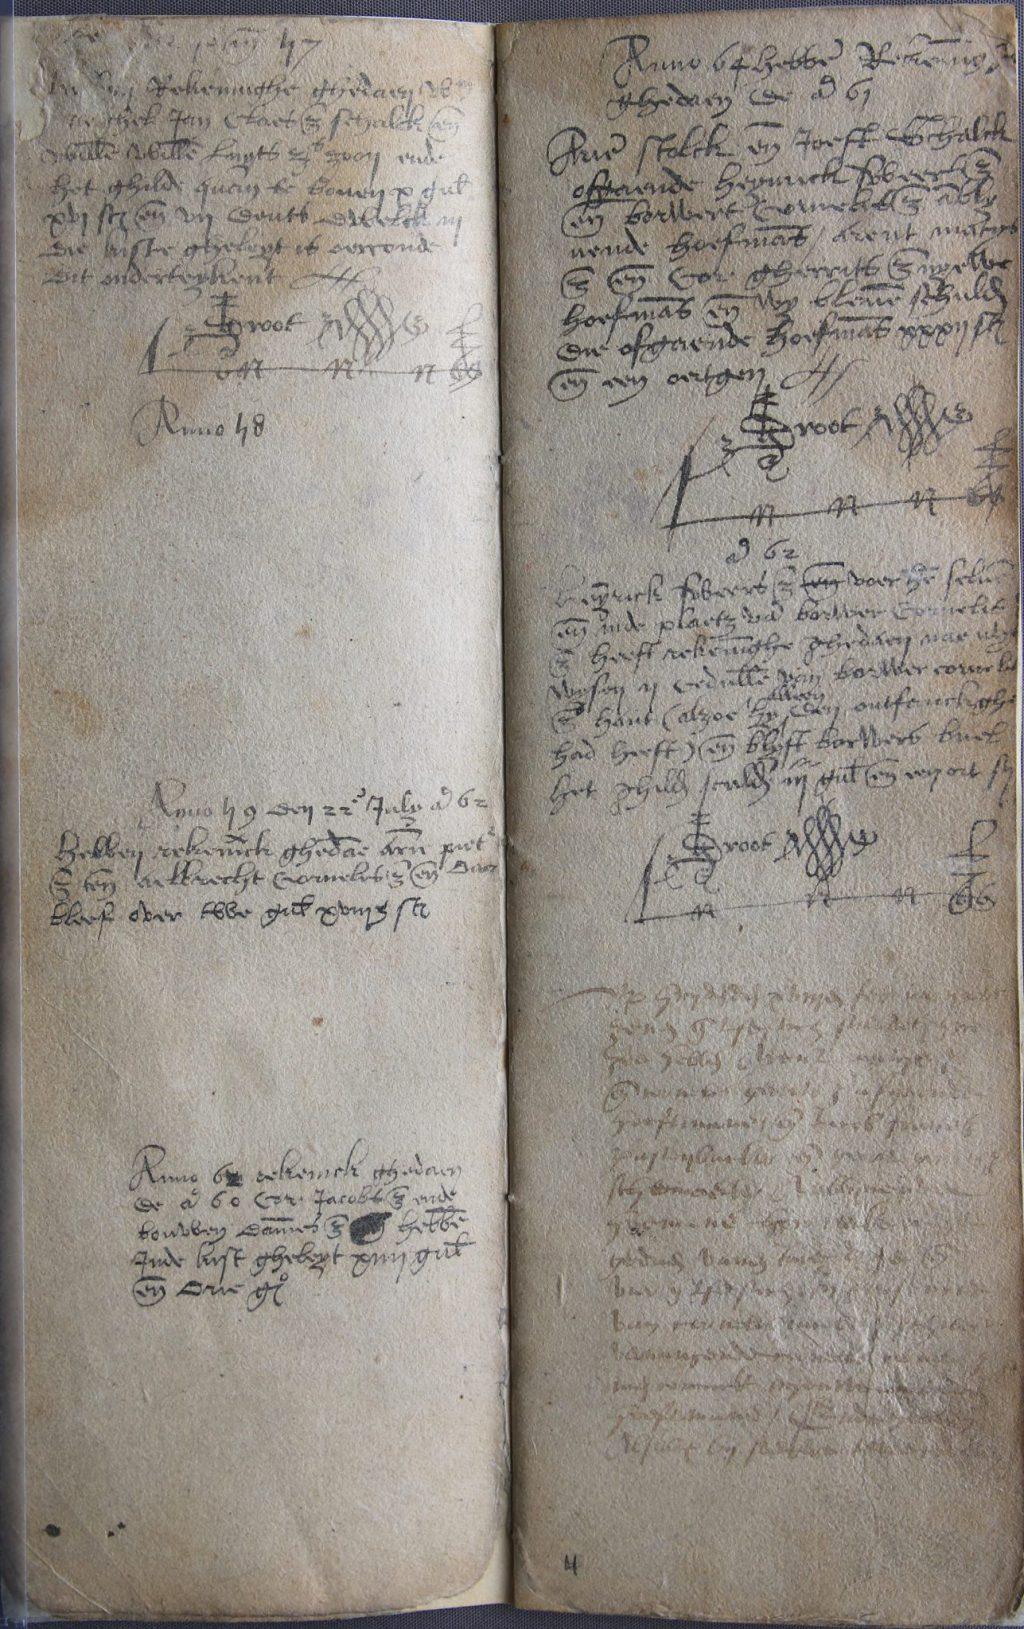 Fragmenten van een register met rekeningen van inkomsten en uitgaven van het Sint-Lucasgilde, 1537-1593 (Archief 229, inv.nr 290)